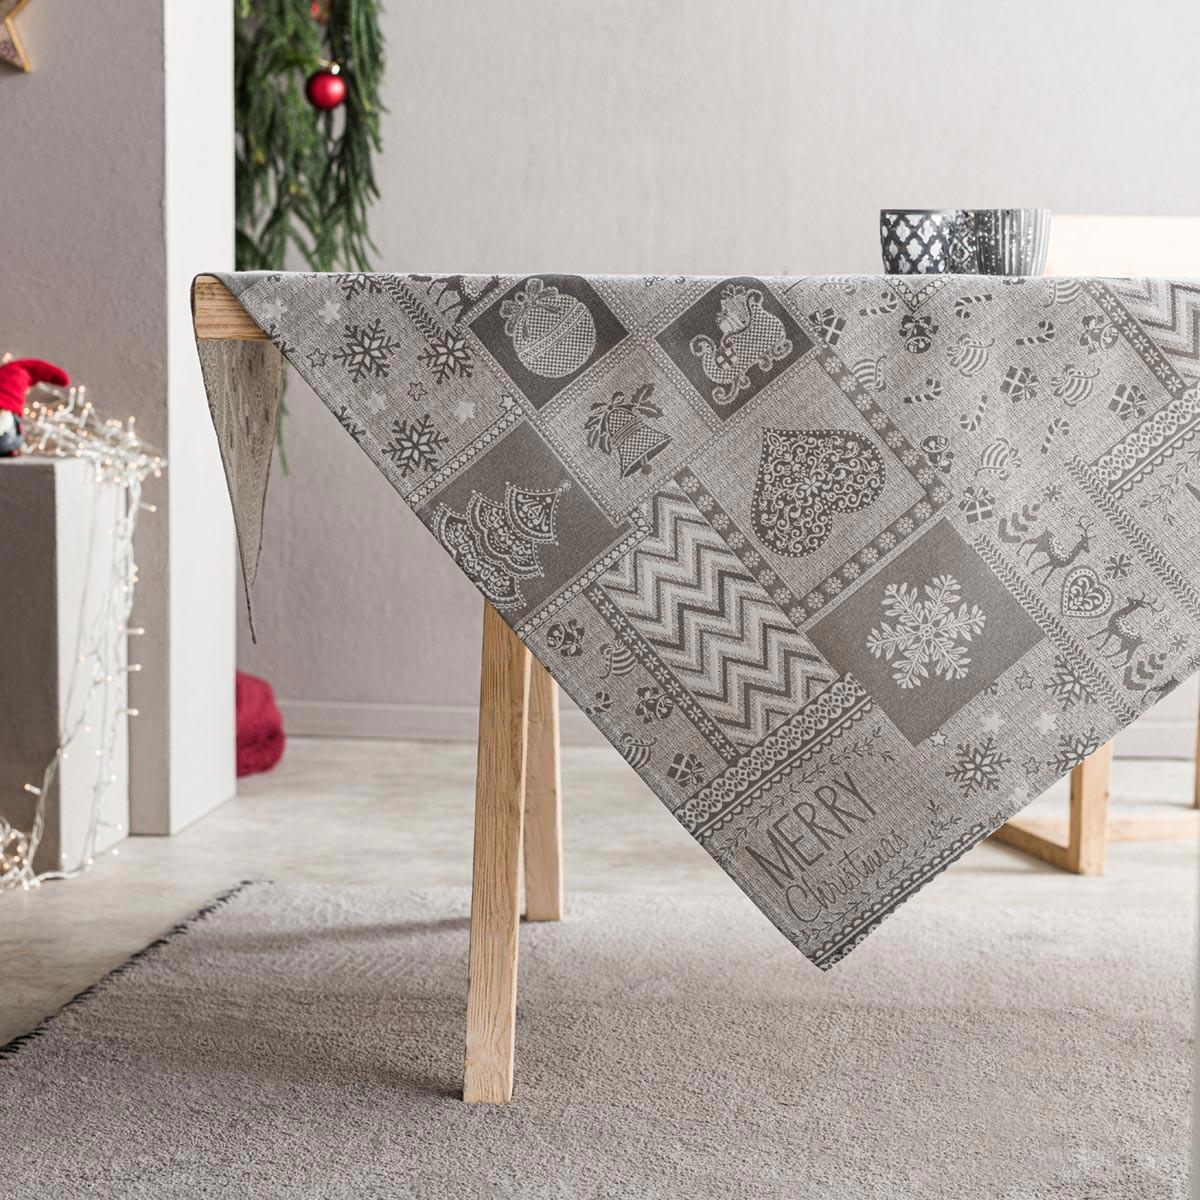 Χριστουγεννιάτικο Τραπεζομάντηλο (135×180) Gofis Home 594/15